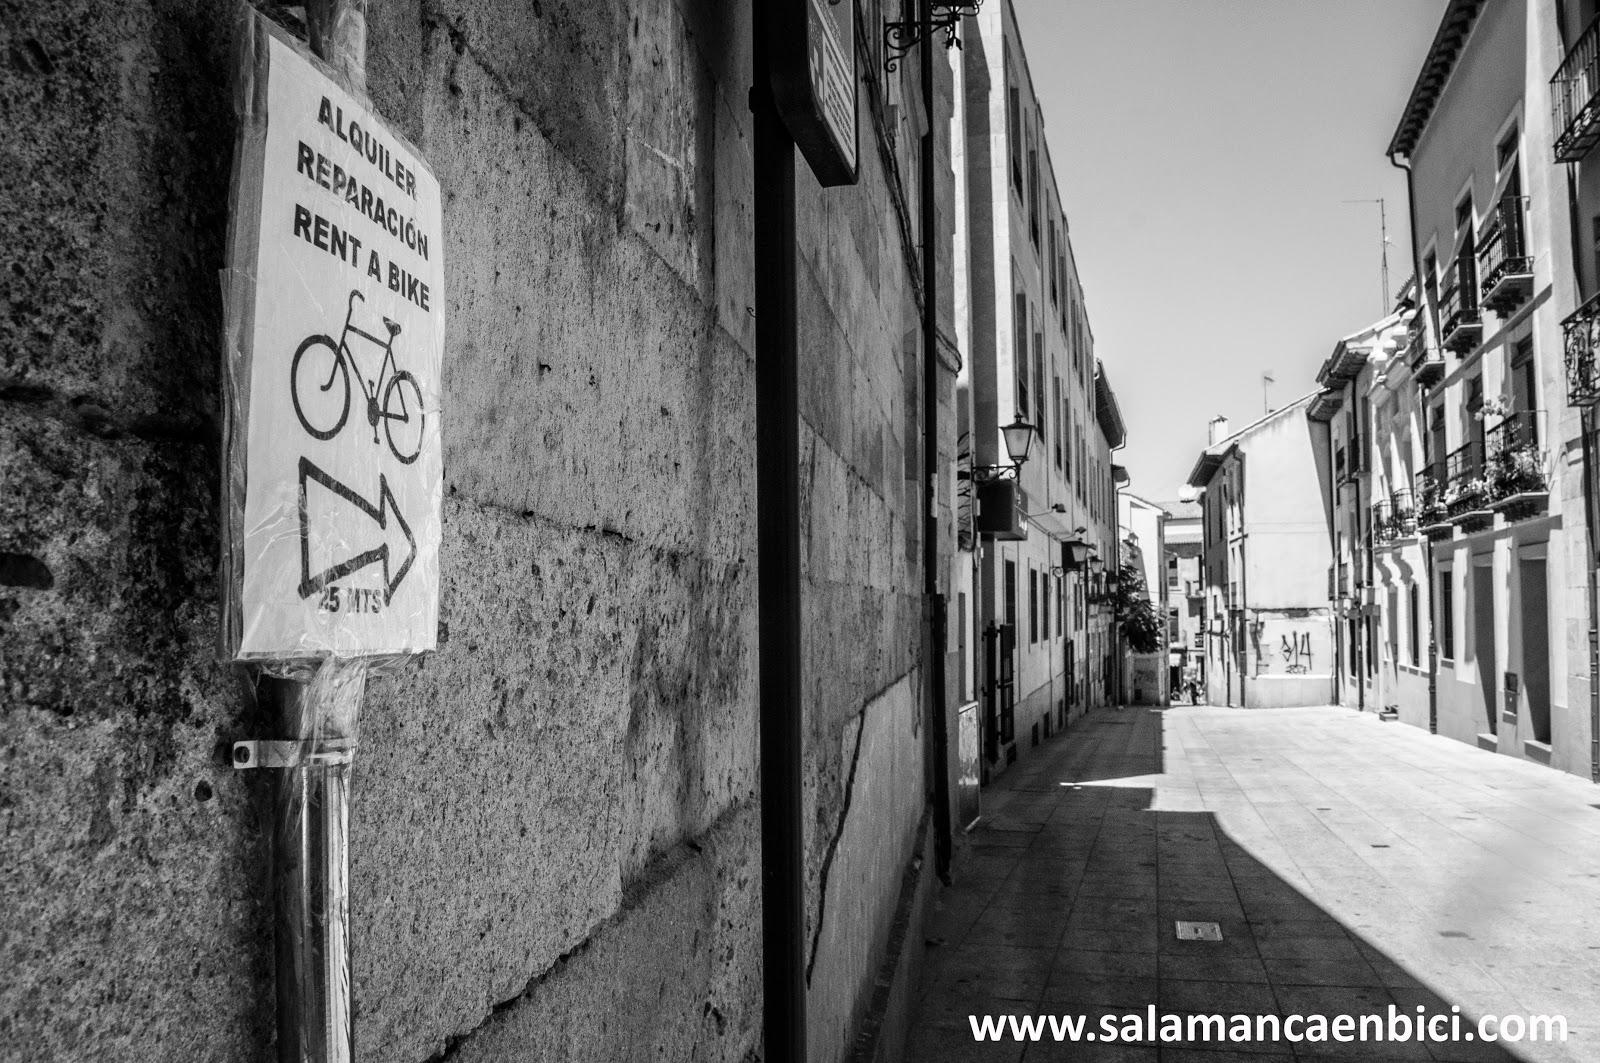 bikecicletas alquiler de bicicletas carril bici salamanca